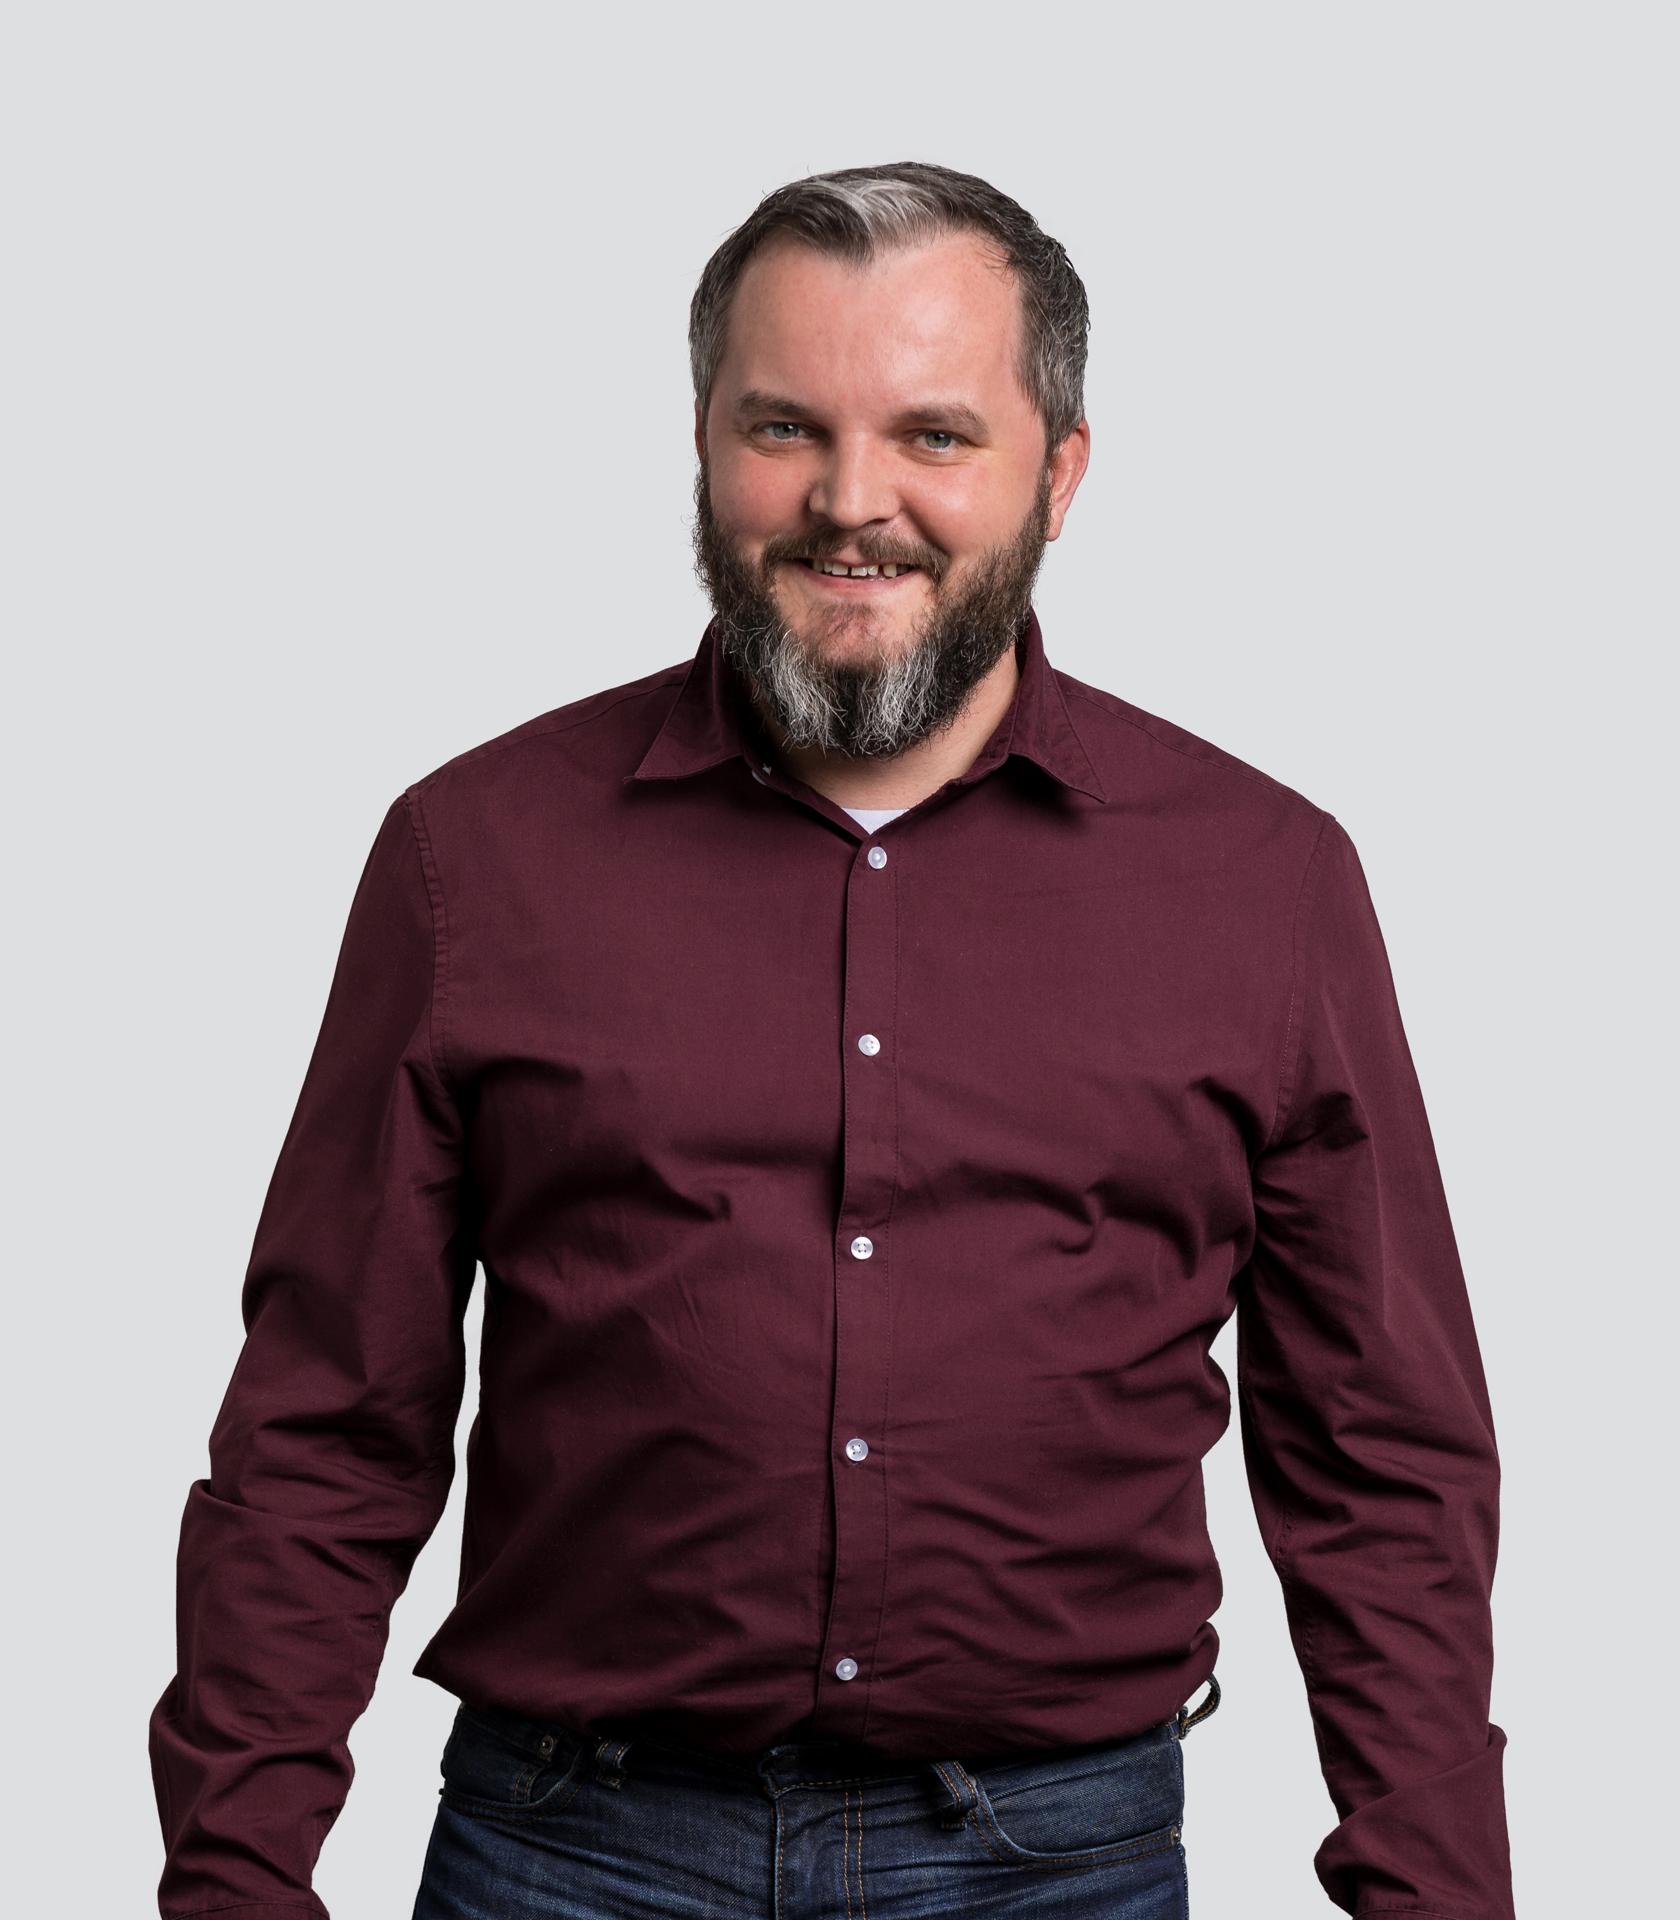 Dennis Alperstedt